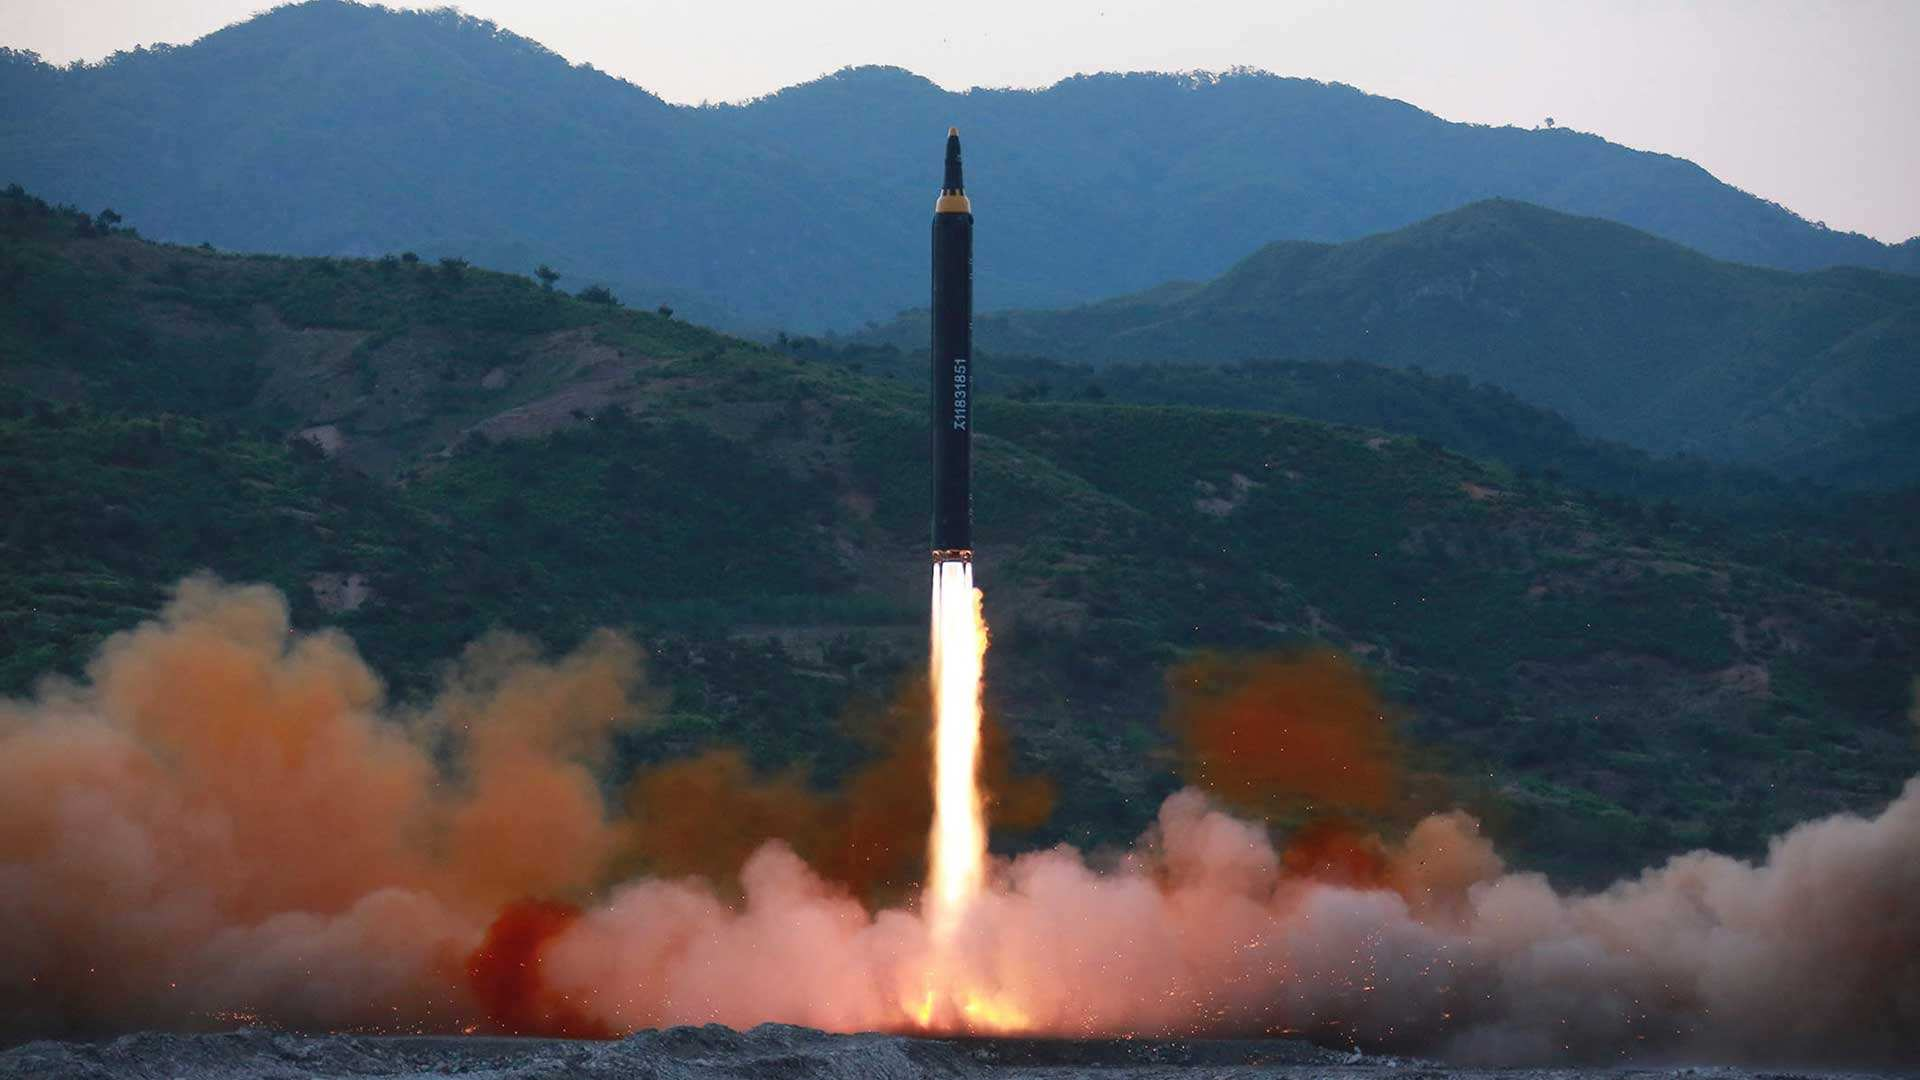 Виновата Россия! — Космическое агентство Украины о поставках ракетных двигателей в КНДР   Русская весна